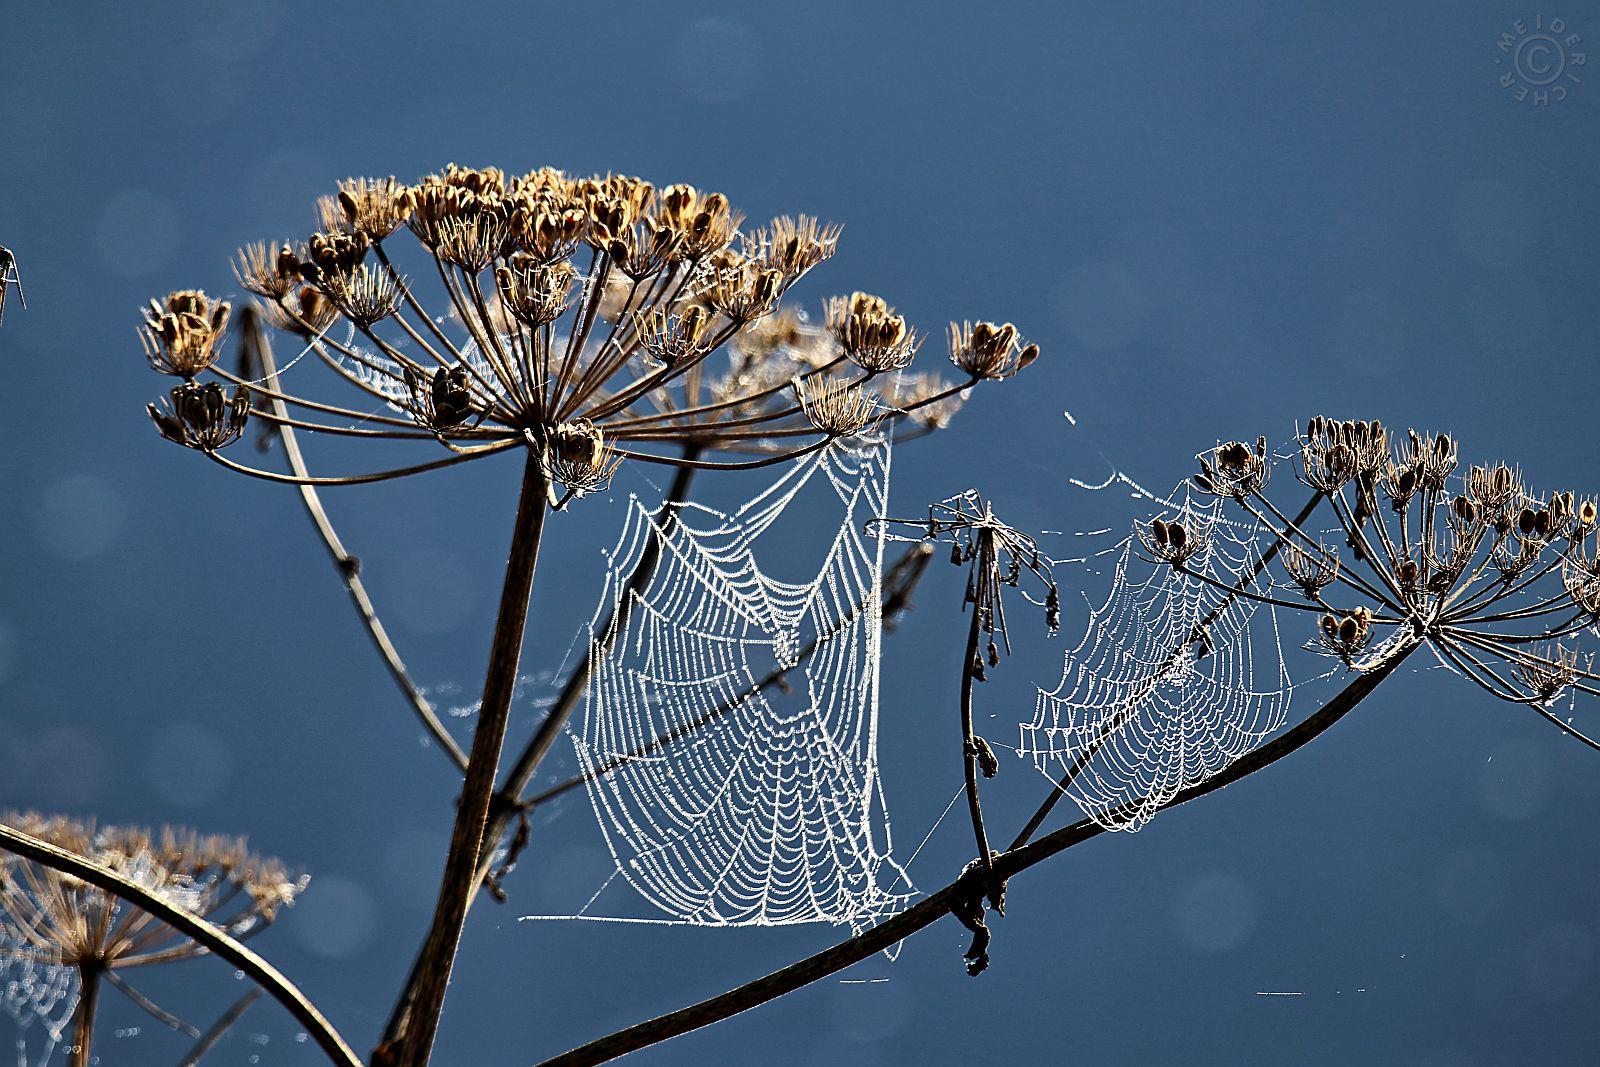 Spinnweben im Herbst 416